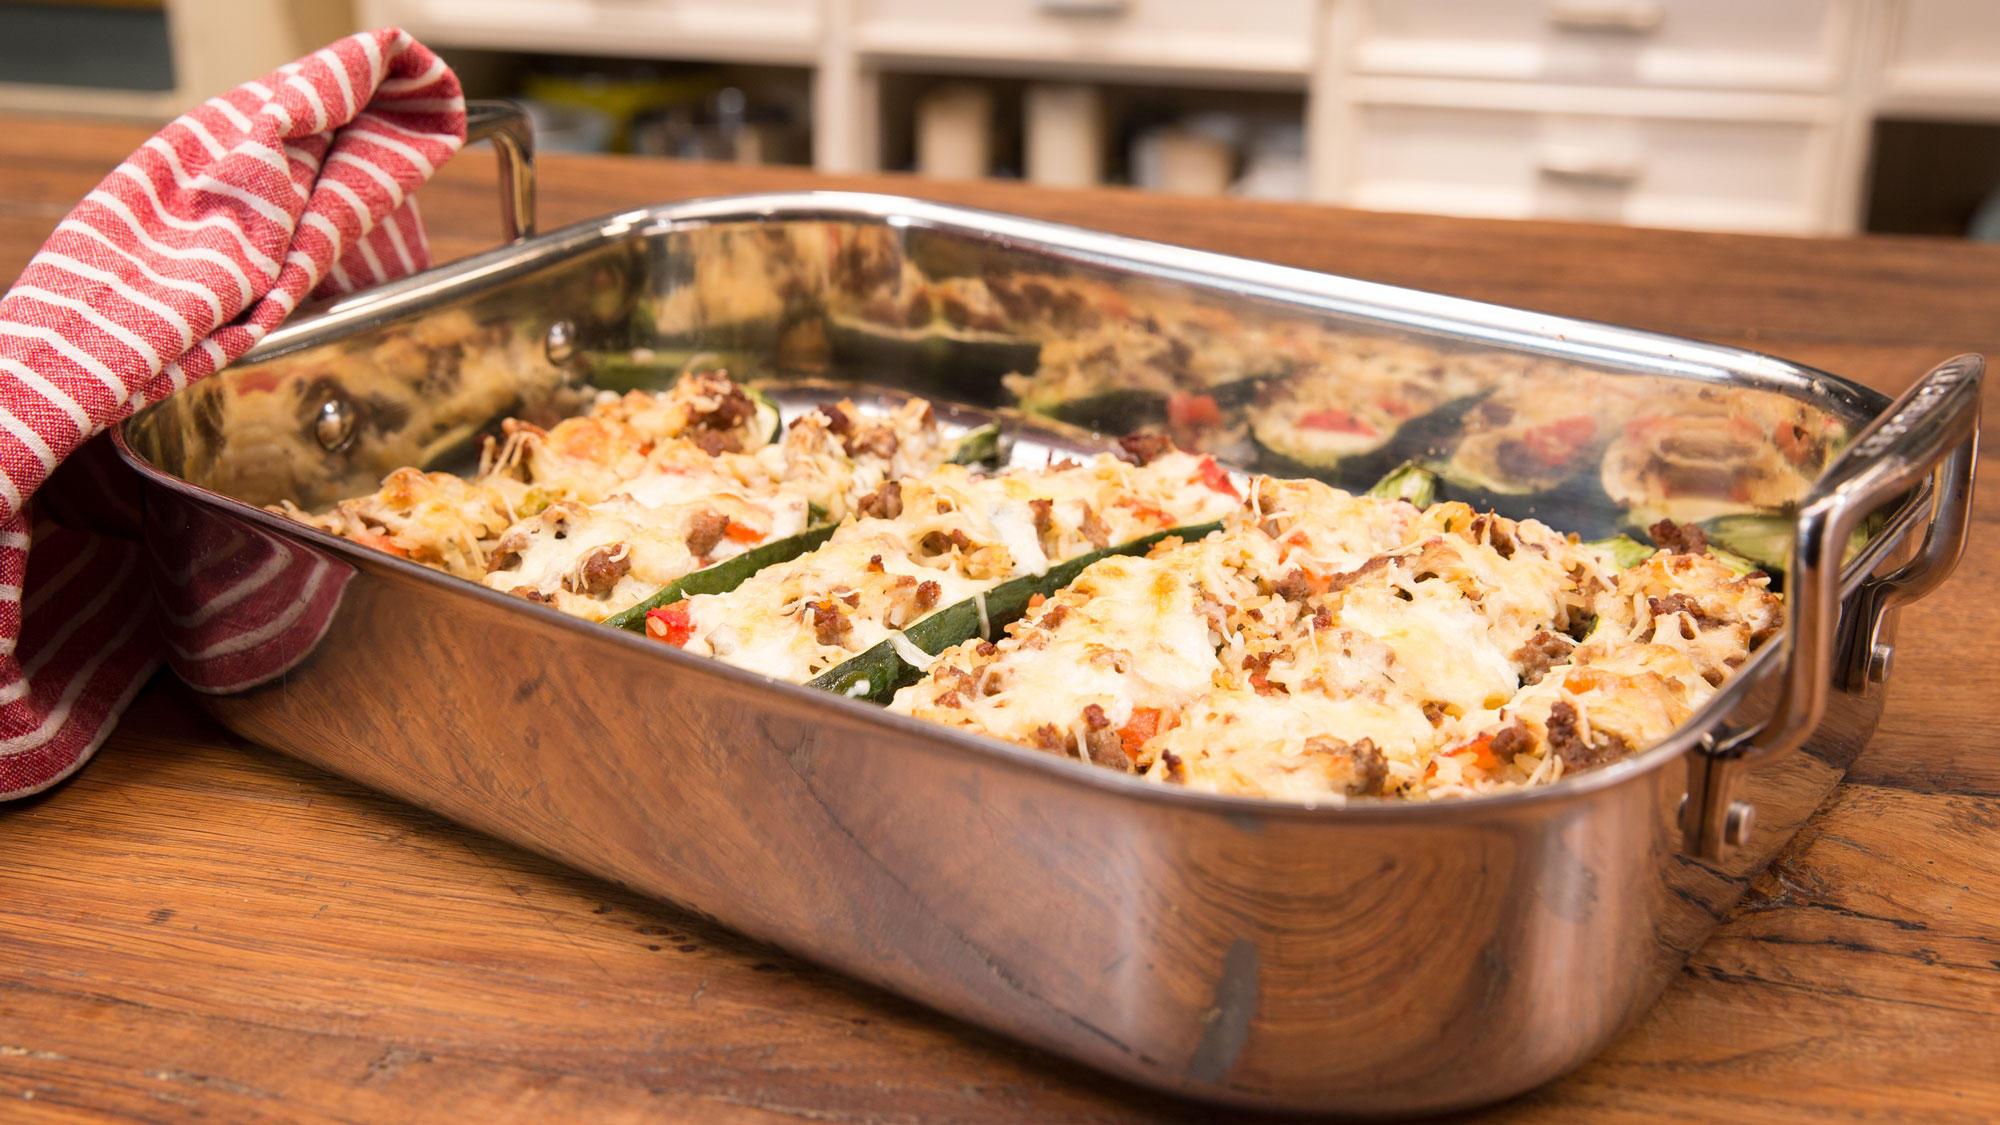 Sommergerichte Zucchini : Zucchini rezepte für den sommergenuss brigitte